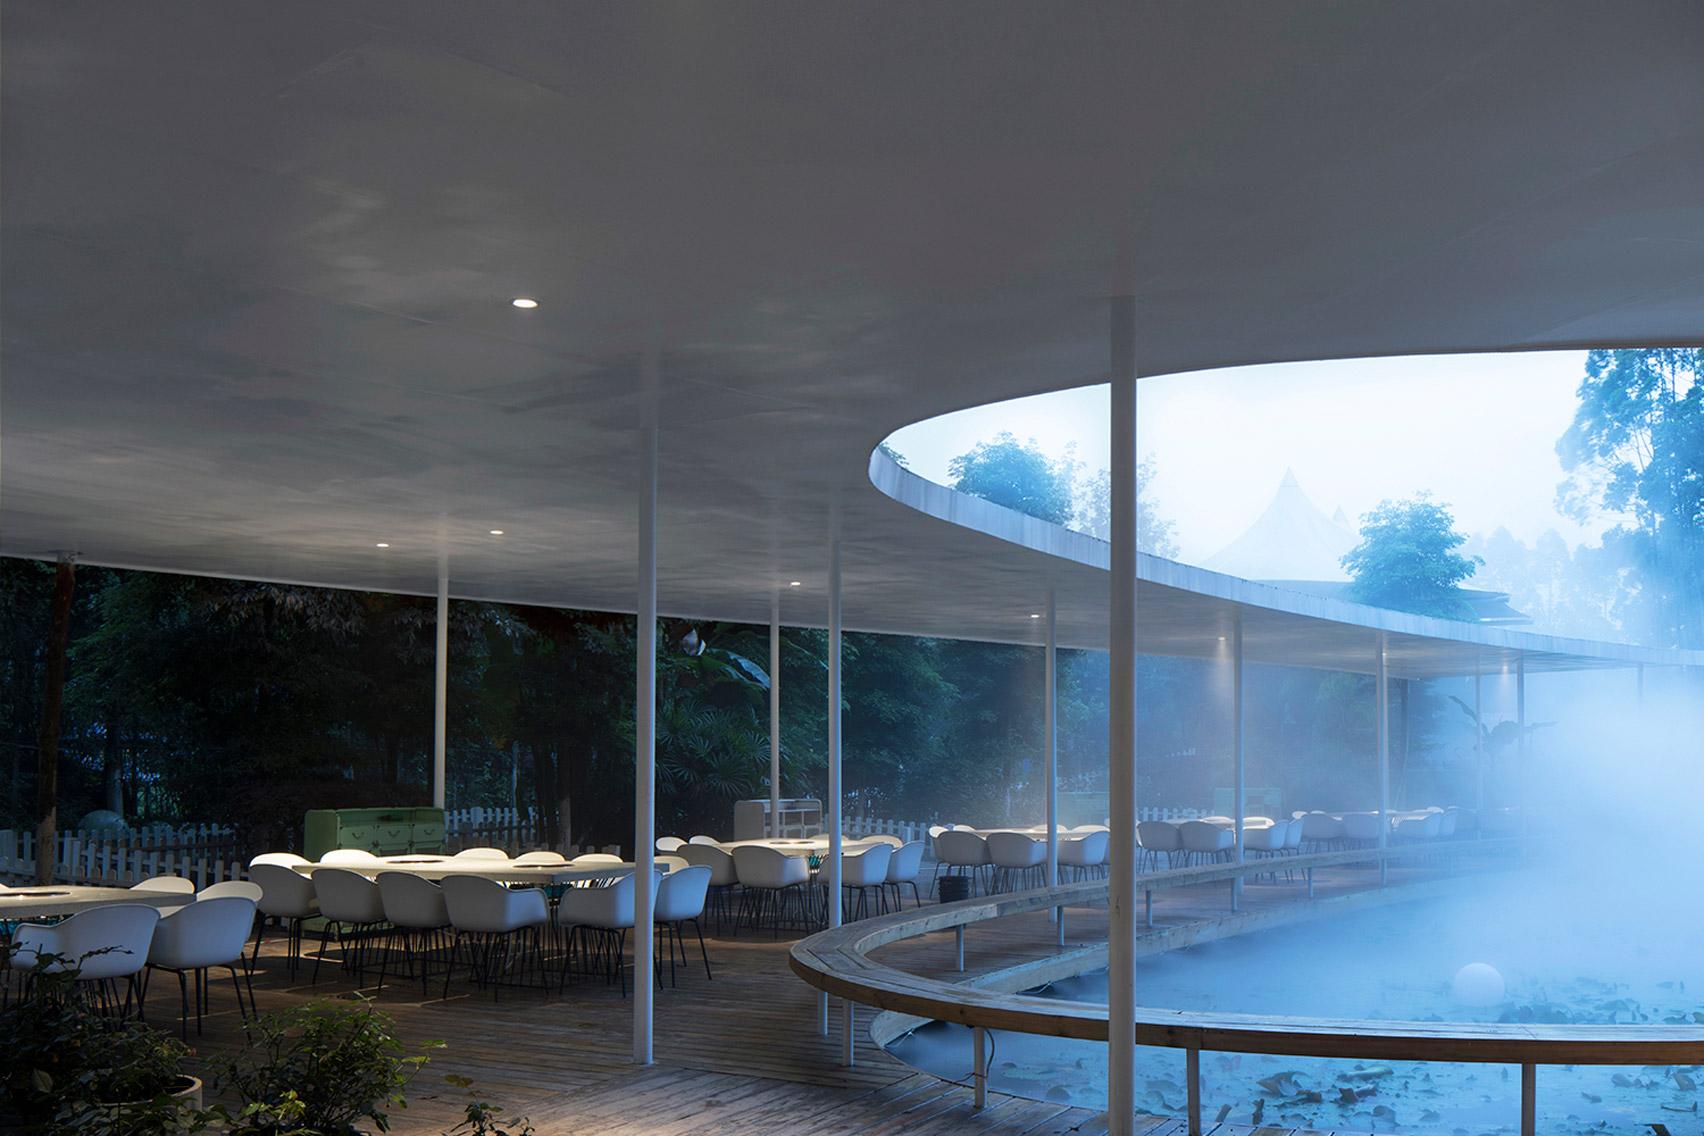 Garden Hotpot Restaurant by MUDA Architects